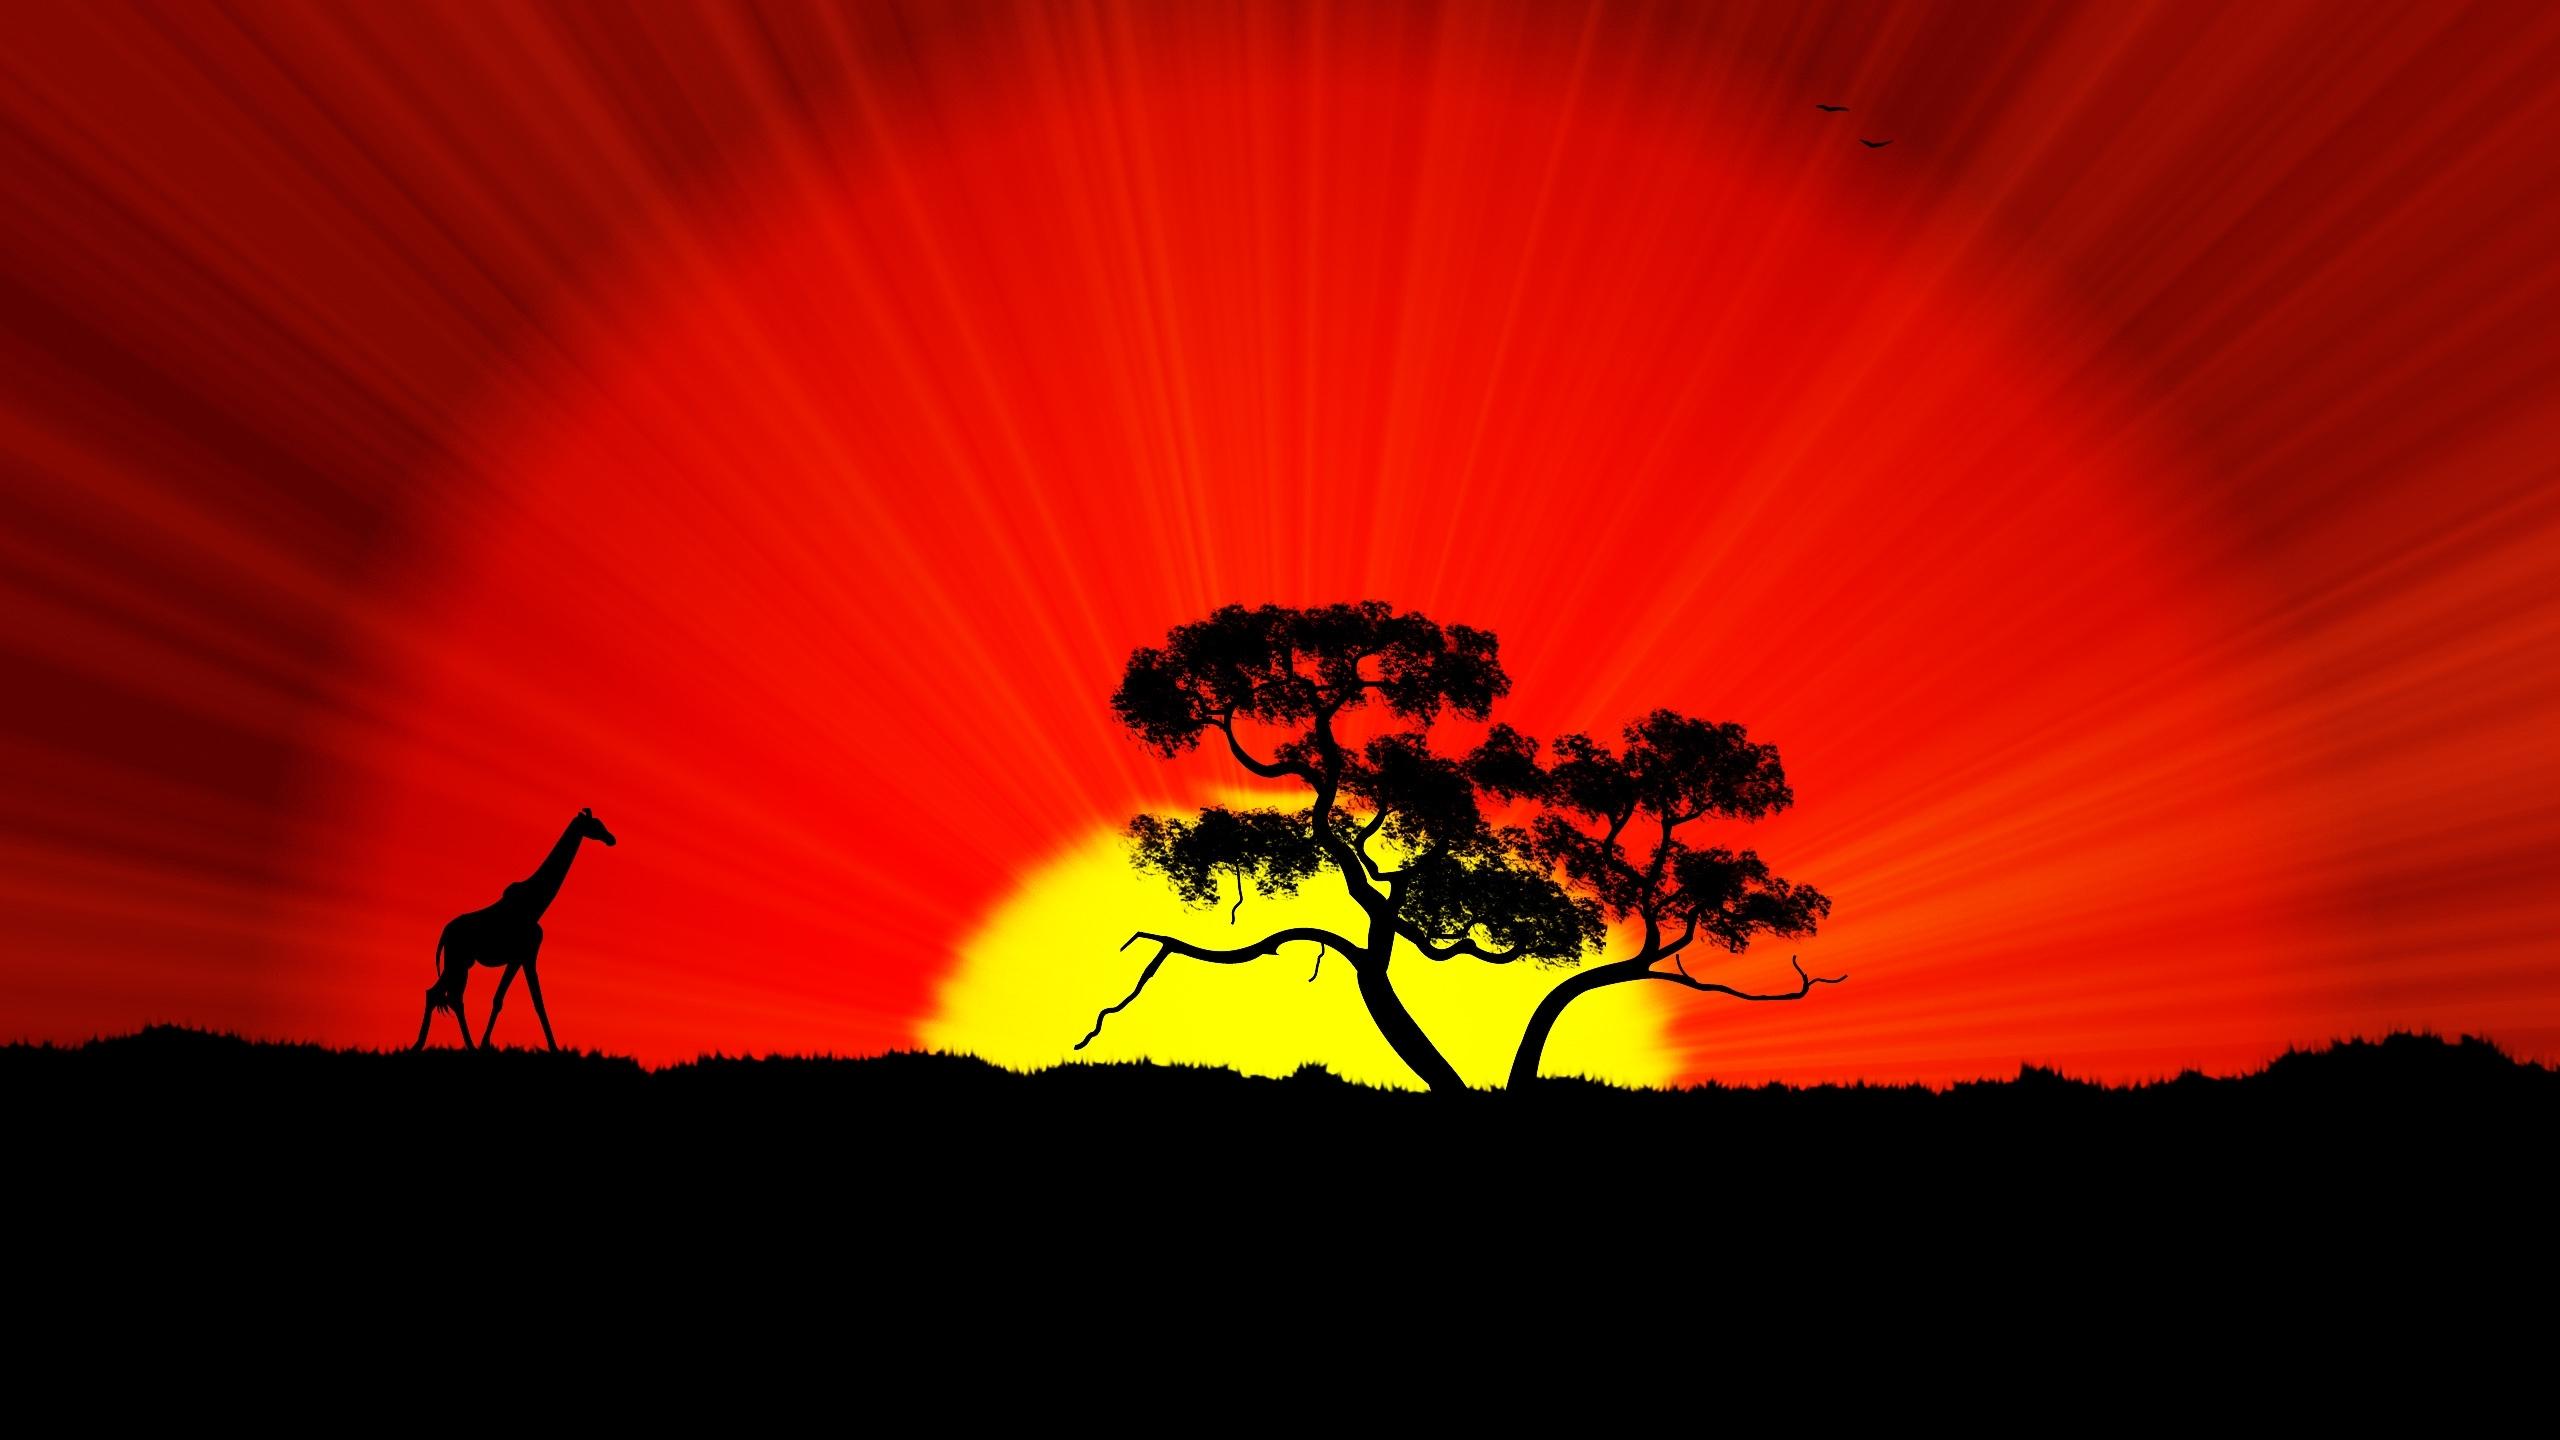 The World Africa HD wallpaper